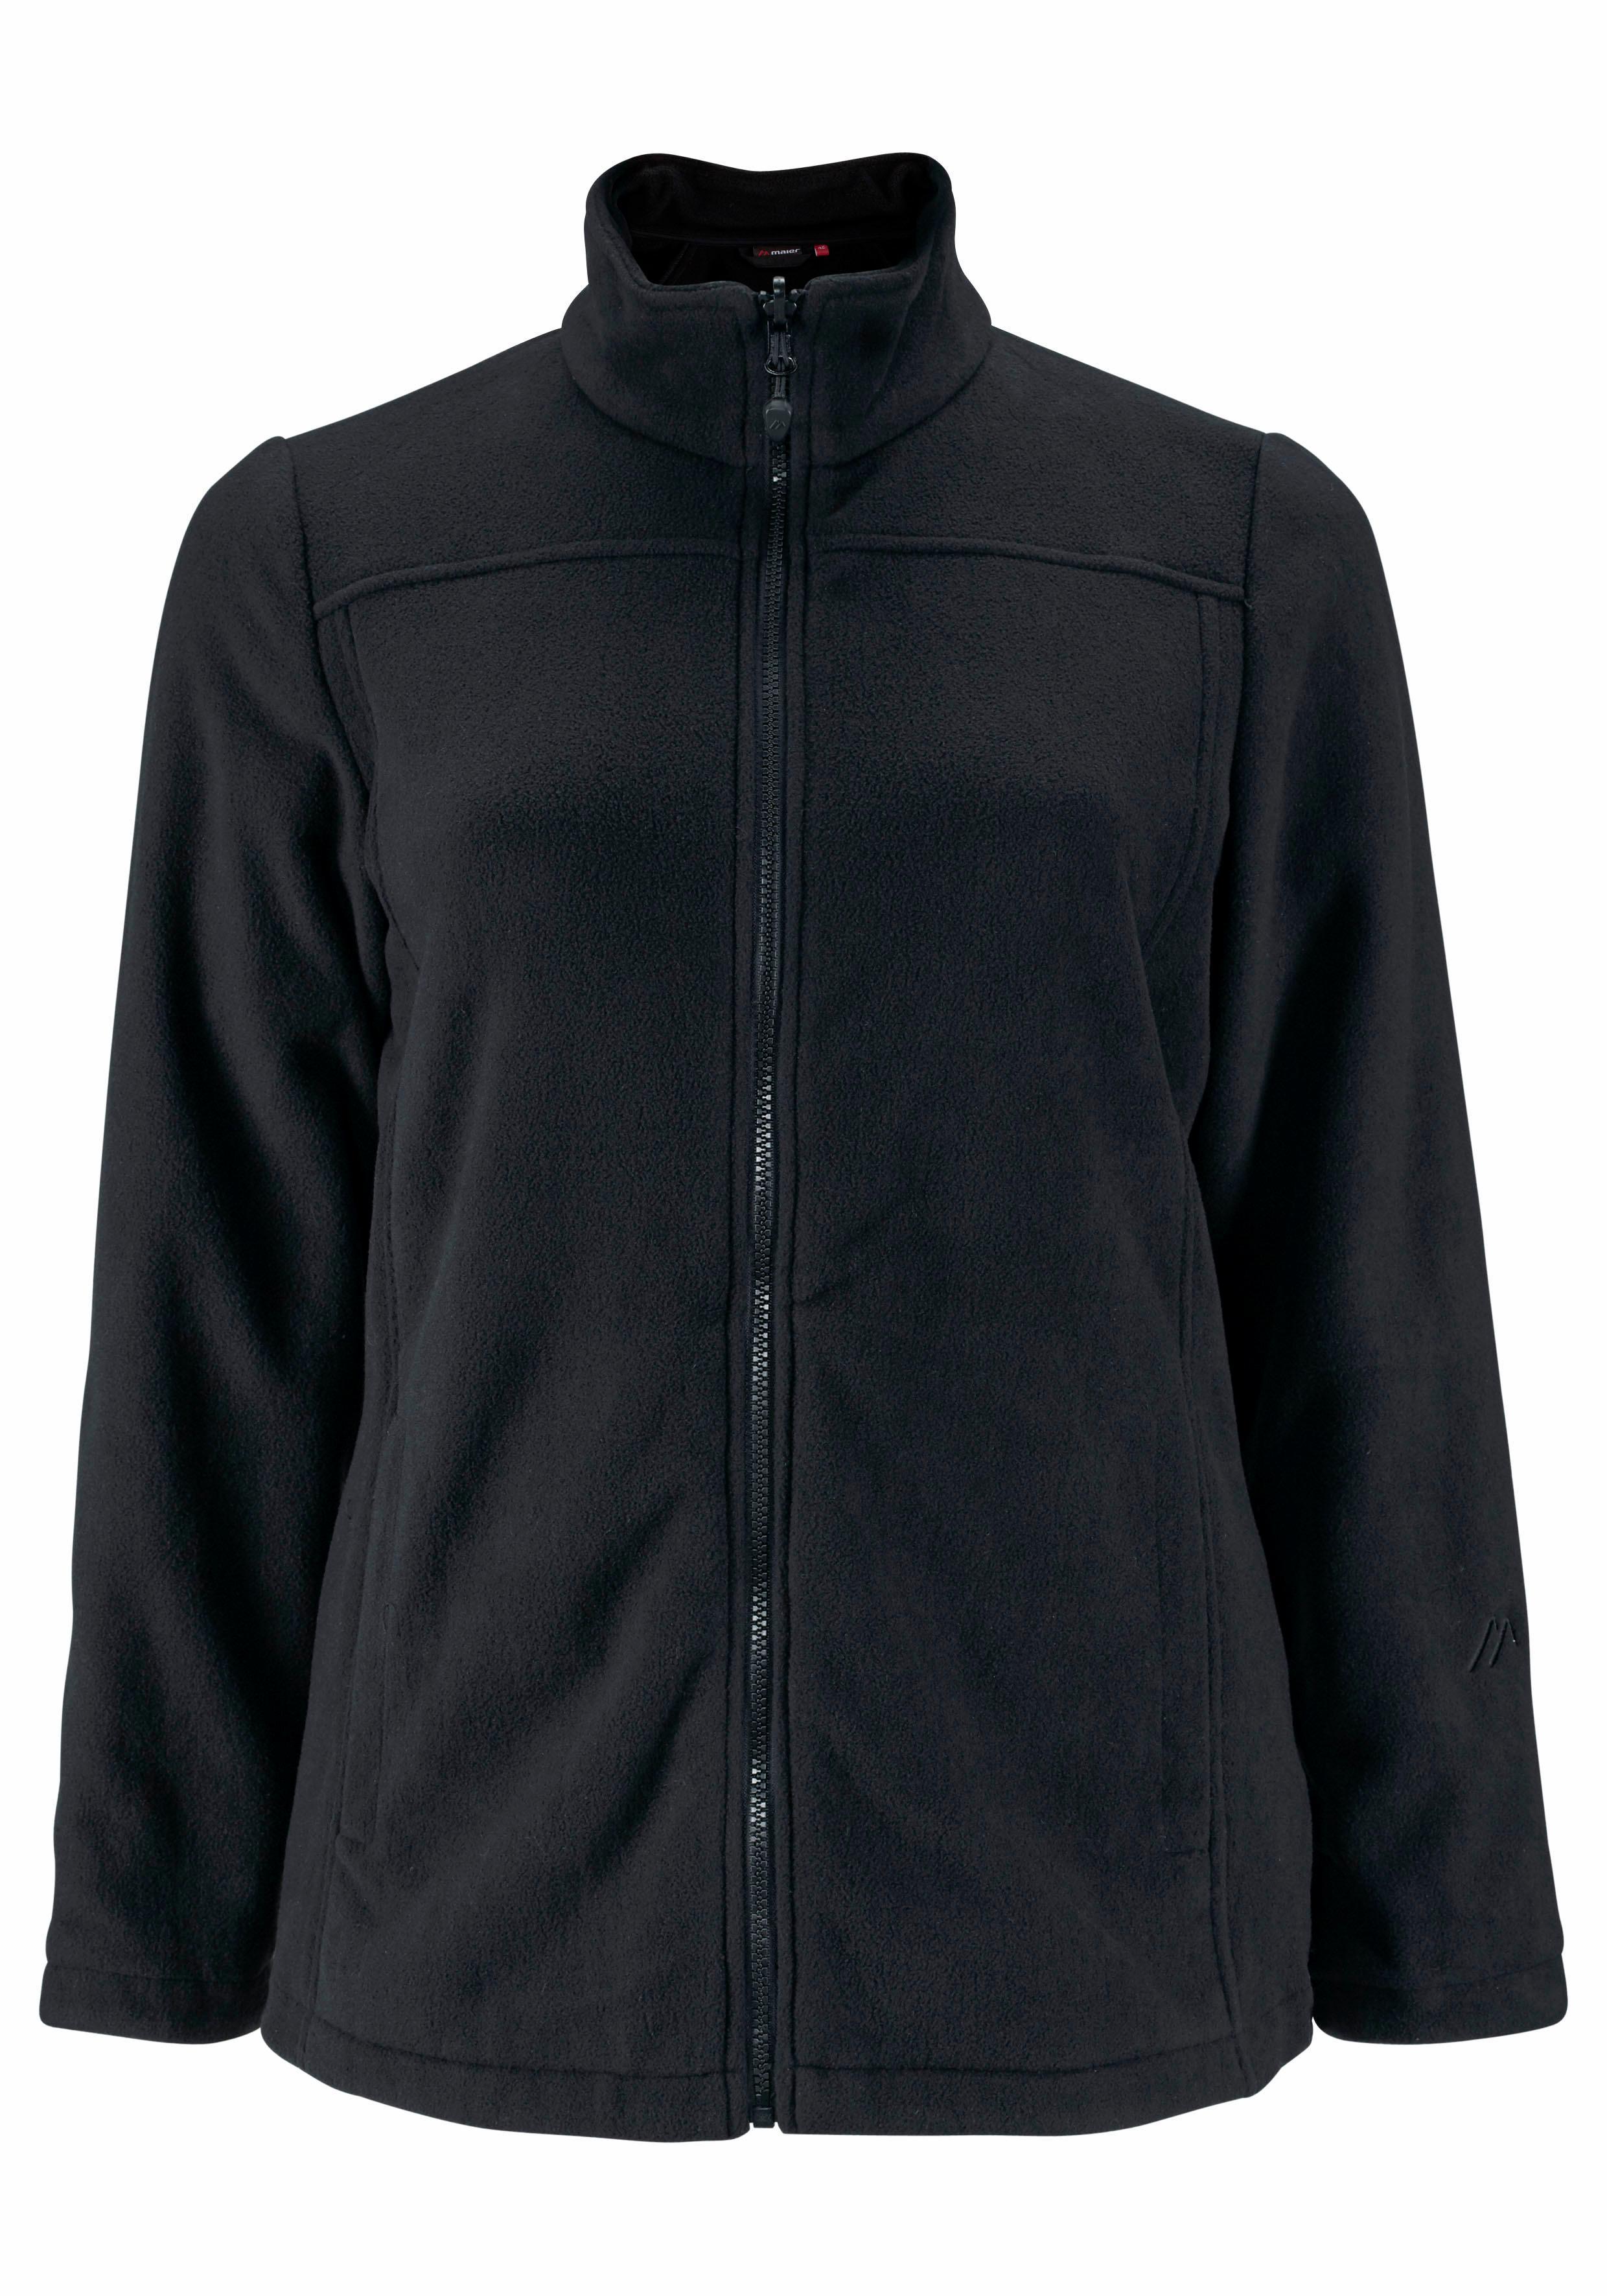 Maier Sports 3-in-1-Funktionsjacke, bis Größe 58 erhältlich günstig online kaufen